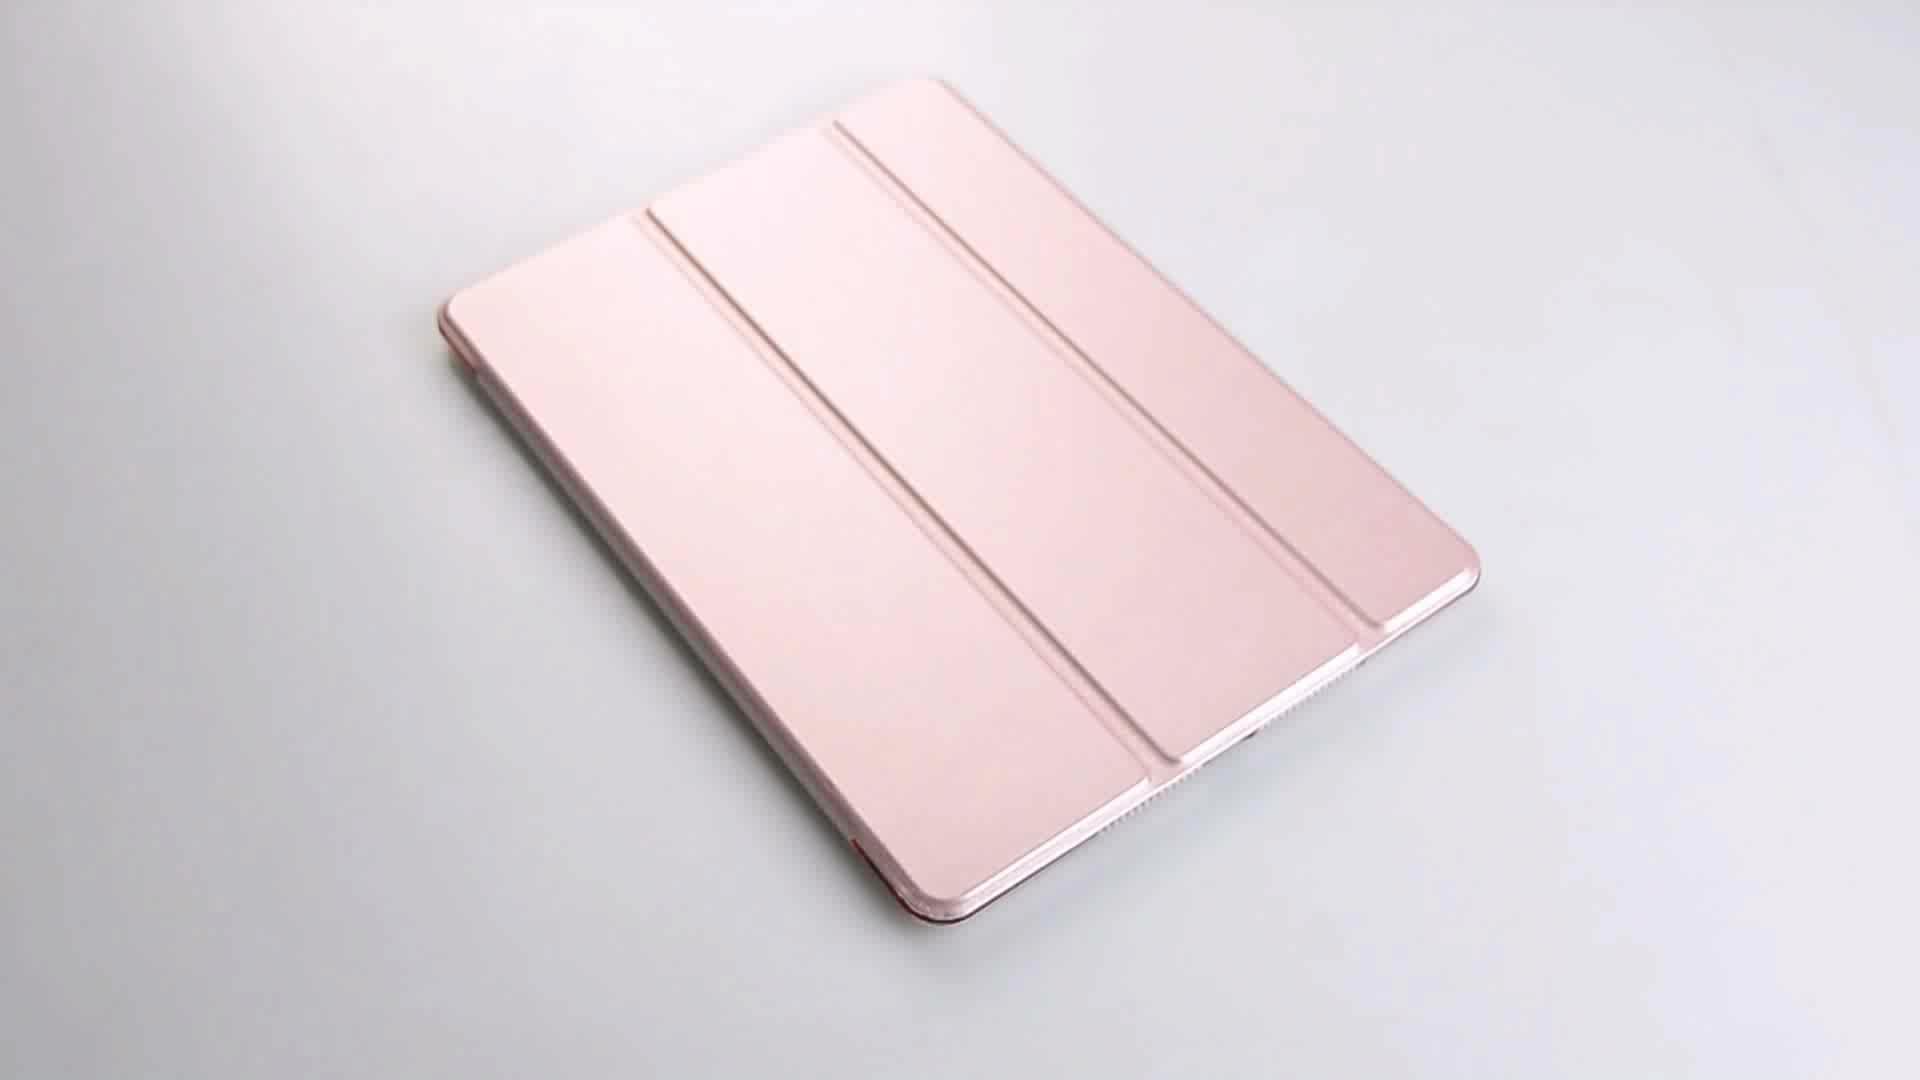 Yeni Ürün 12.9 inç Standı PU Deri Tablet Kapak Kılıf geri sert kapak ipad kılıfı pro